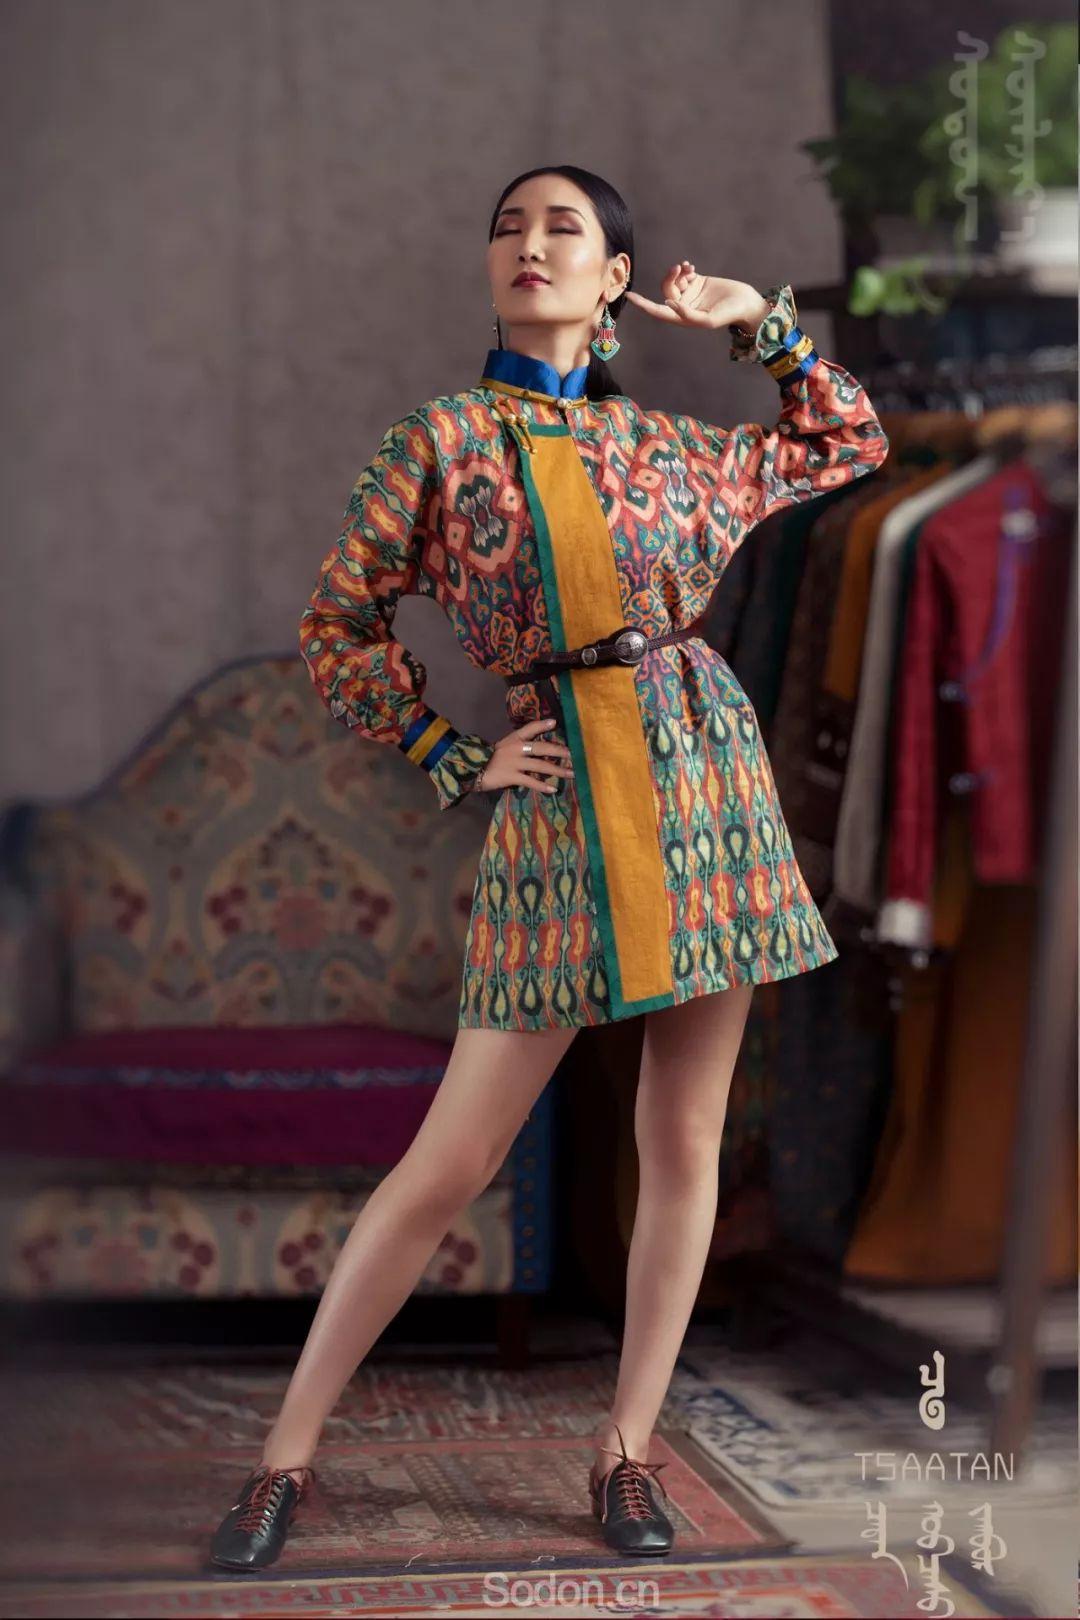 TSAATAN蒙古时装 2019新款,来自驯鹿人的独特魅力! 第74张 TSAATAN蒙古时装 2019新款,来自驯鹿人的独特魅力! 蒙古服饰